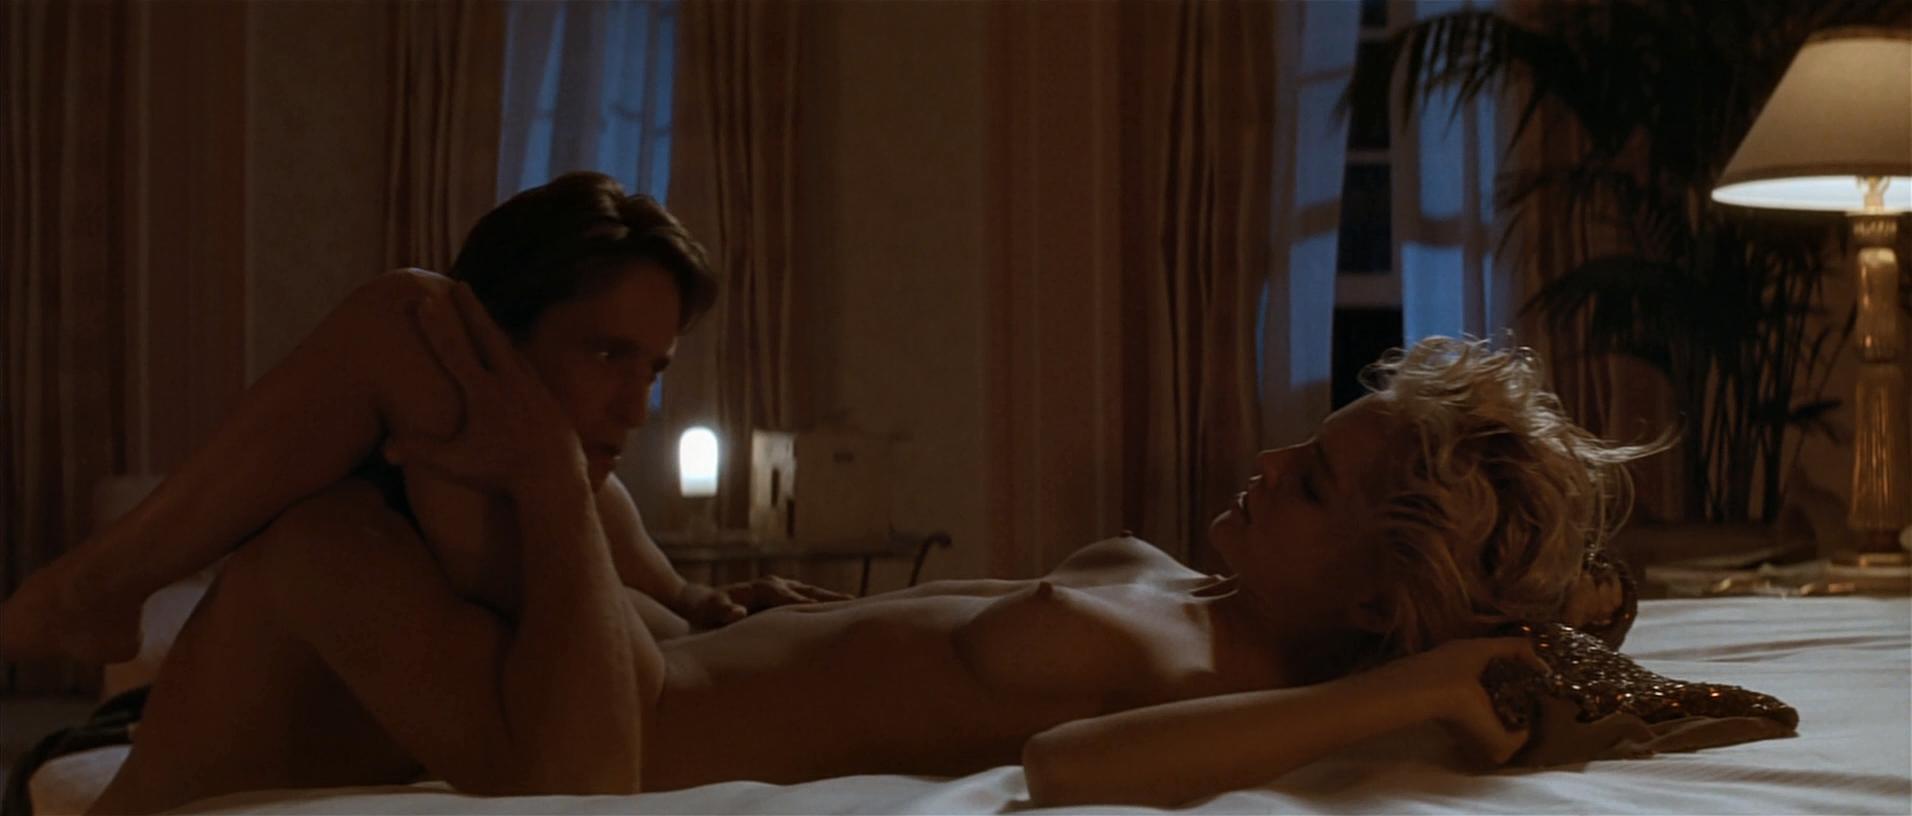 erotika-seks-kino-devushka